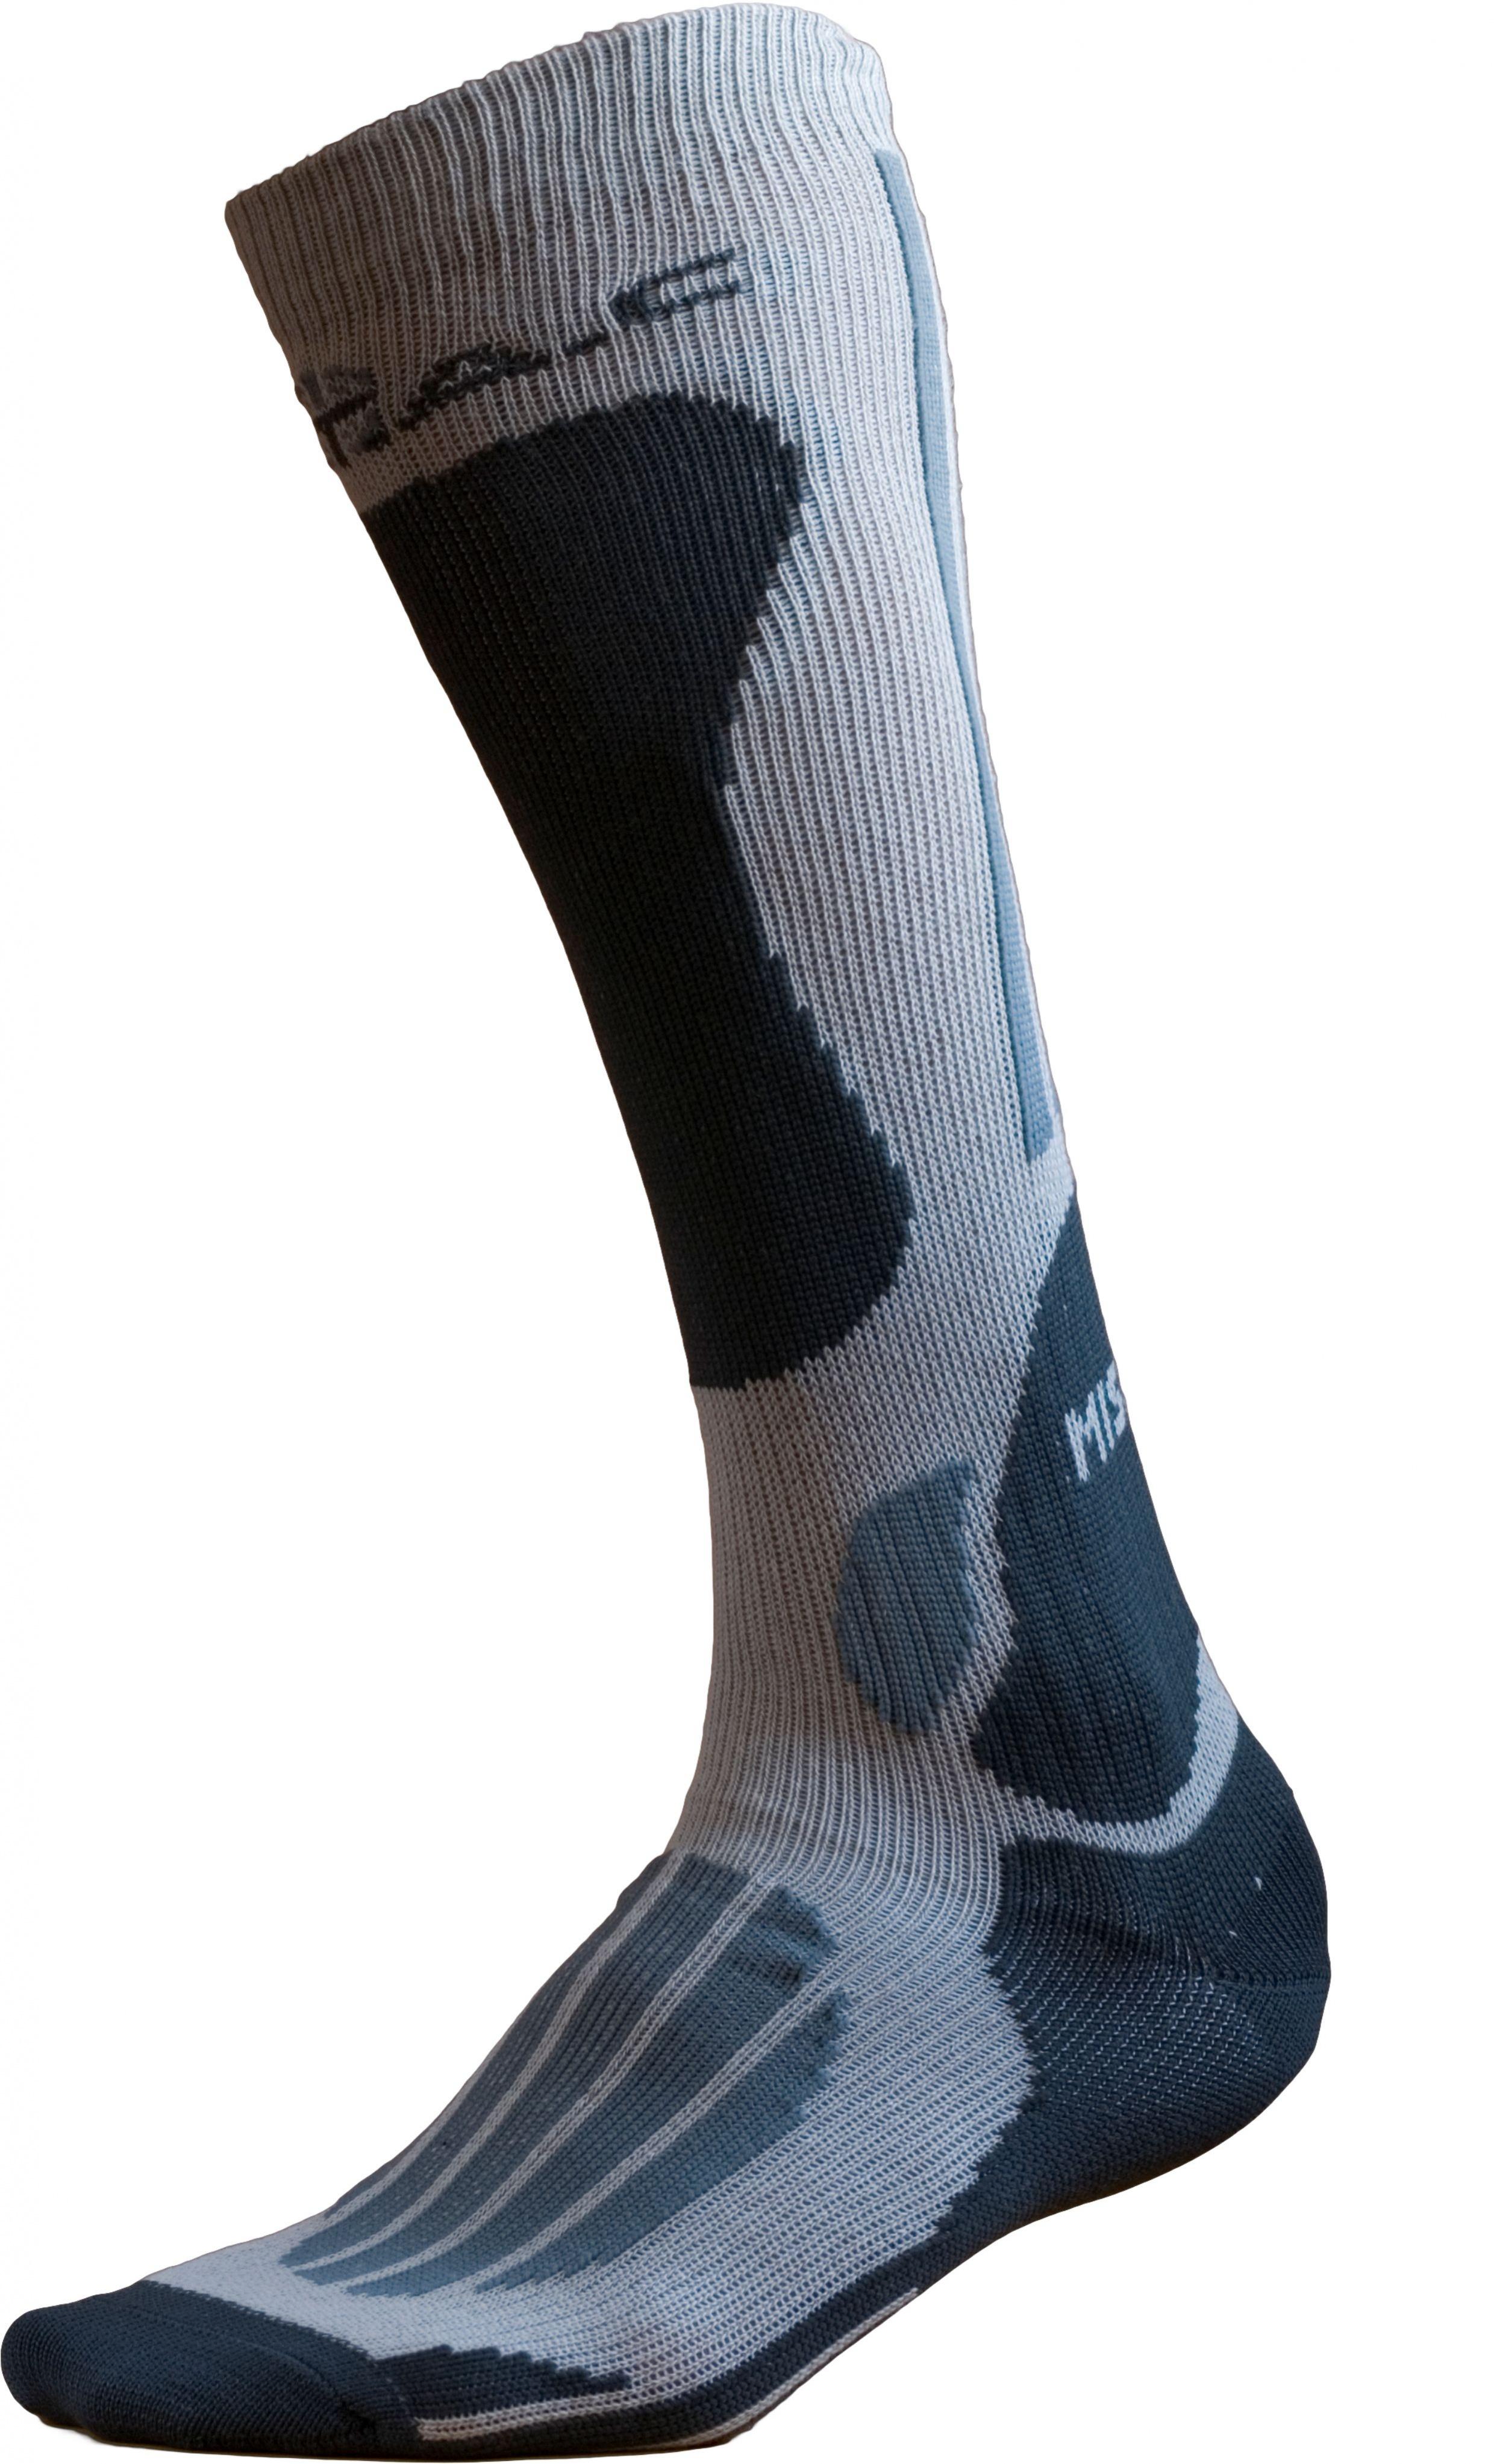 Ponožky BATAC Mission MI13 vel. 34-35 - grey